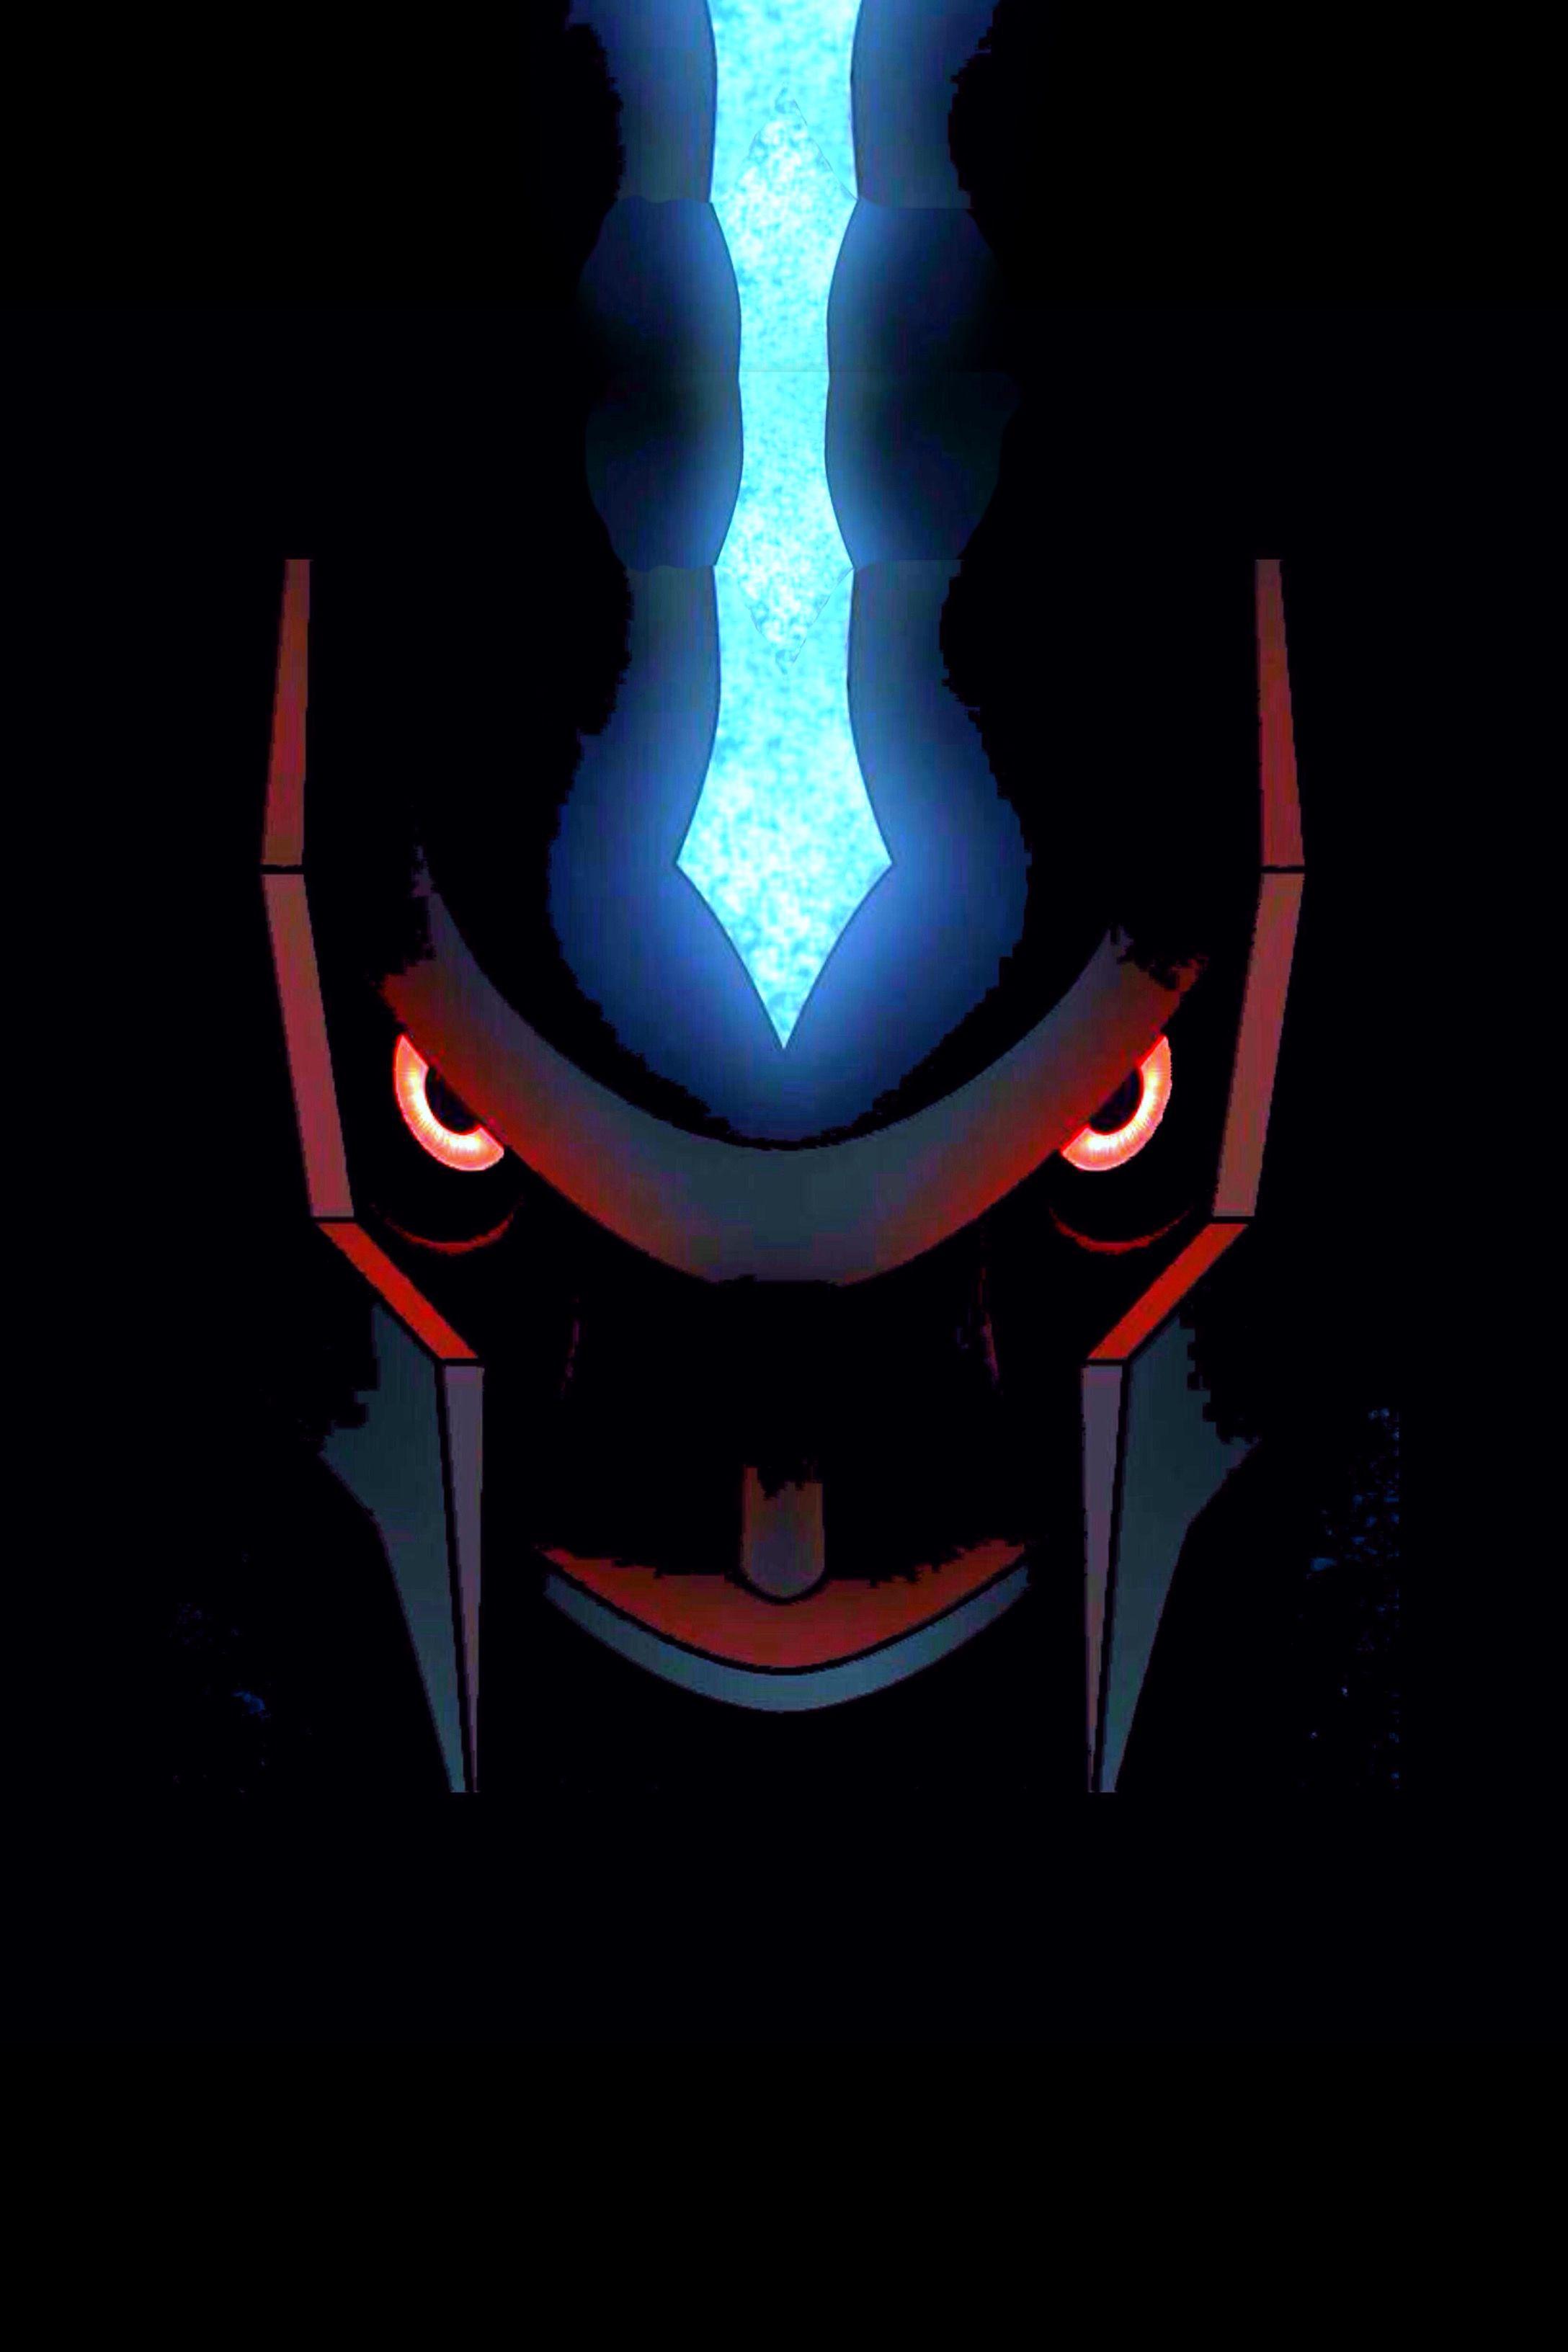 Primal Dialga Pokemon Art Board Digital Digitalart Pokemonart Art Pokemon Pokemon Dragon Pokemon Art Pokemon Pictures